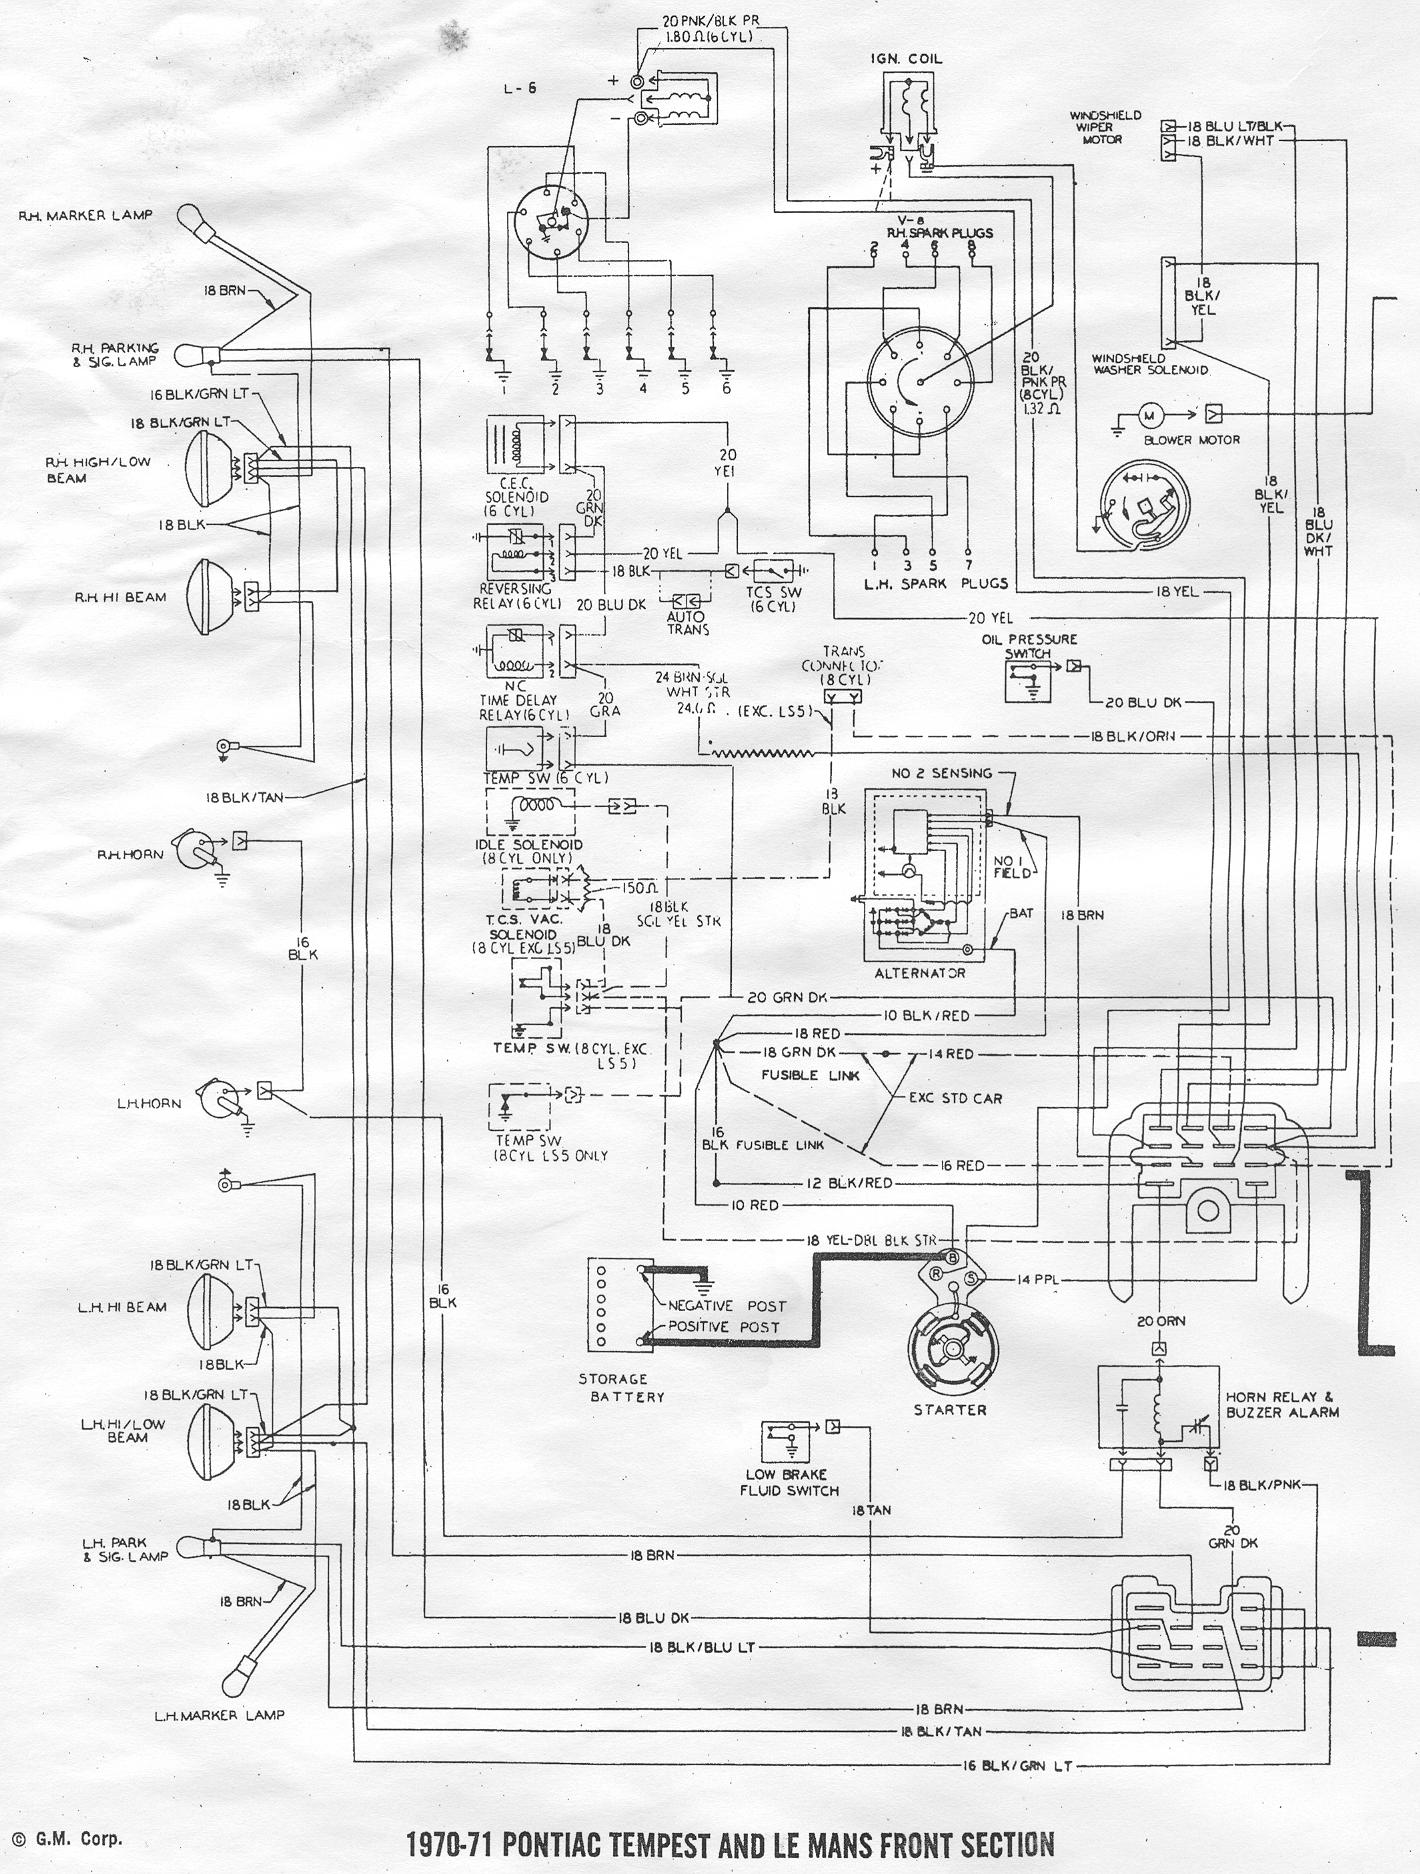 kenwood dnx5120 wiring diagram wiring diagram kenwood dnx572bh wiring diagram discover your